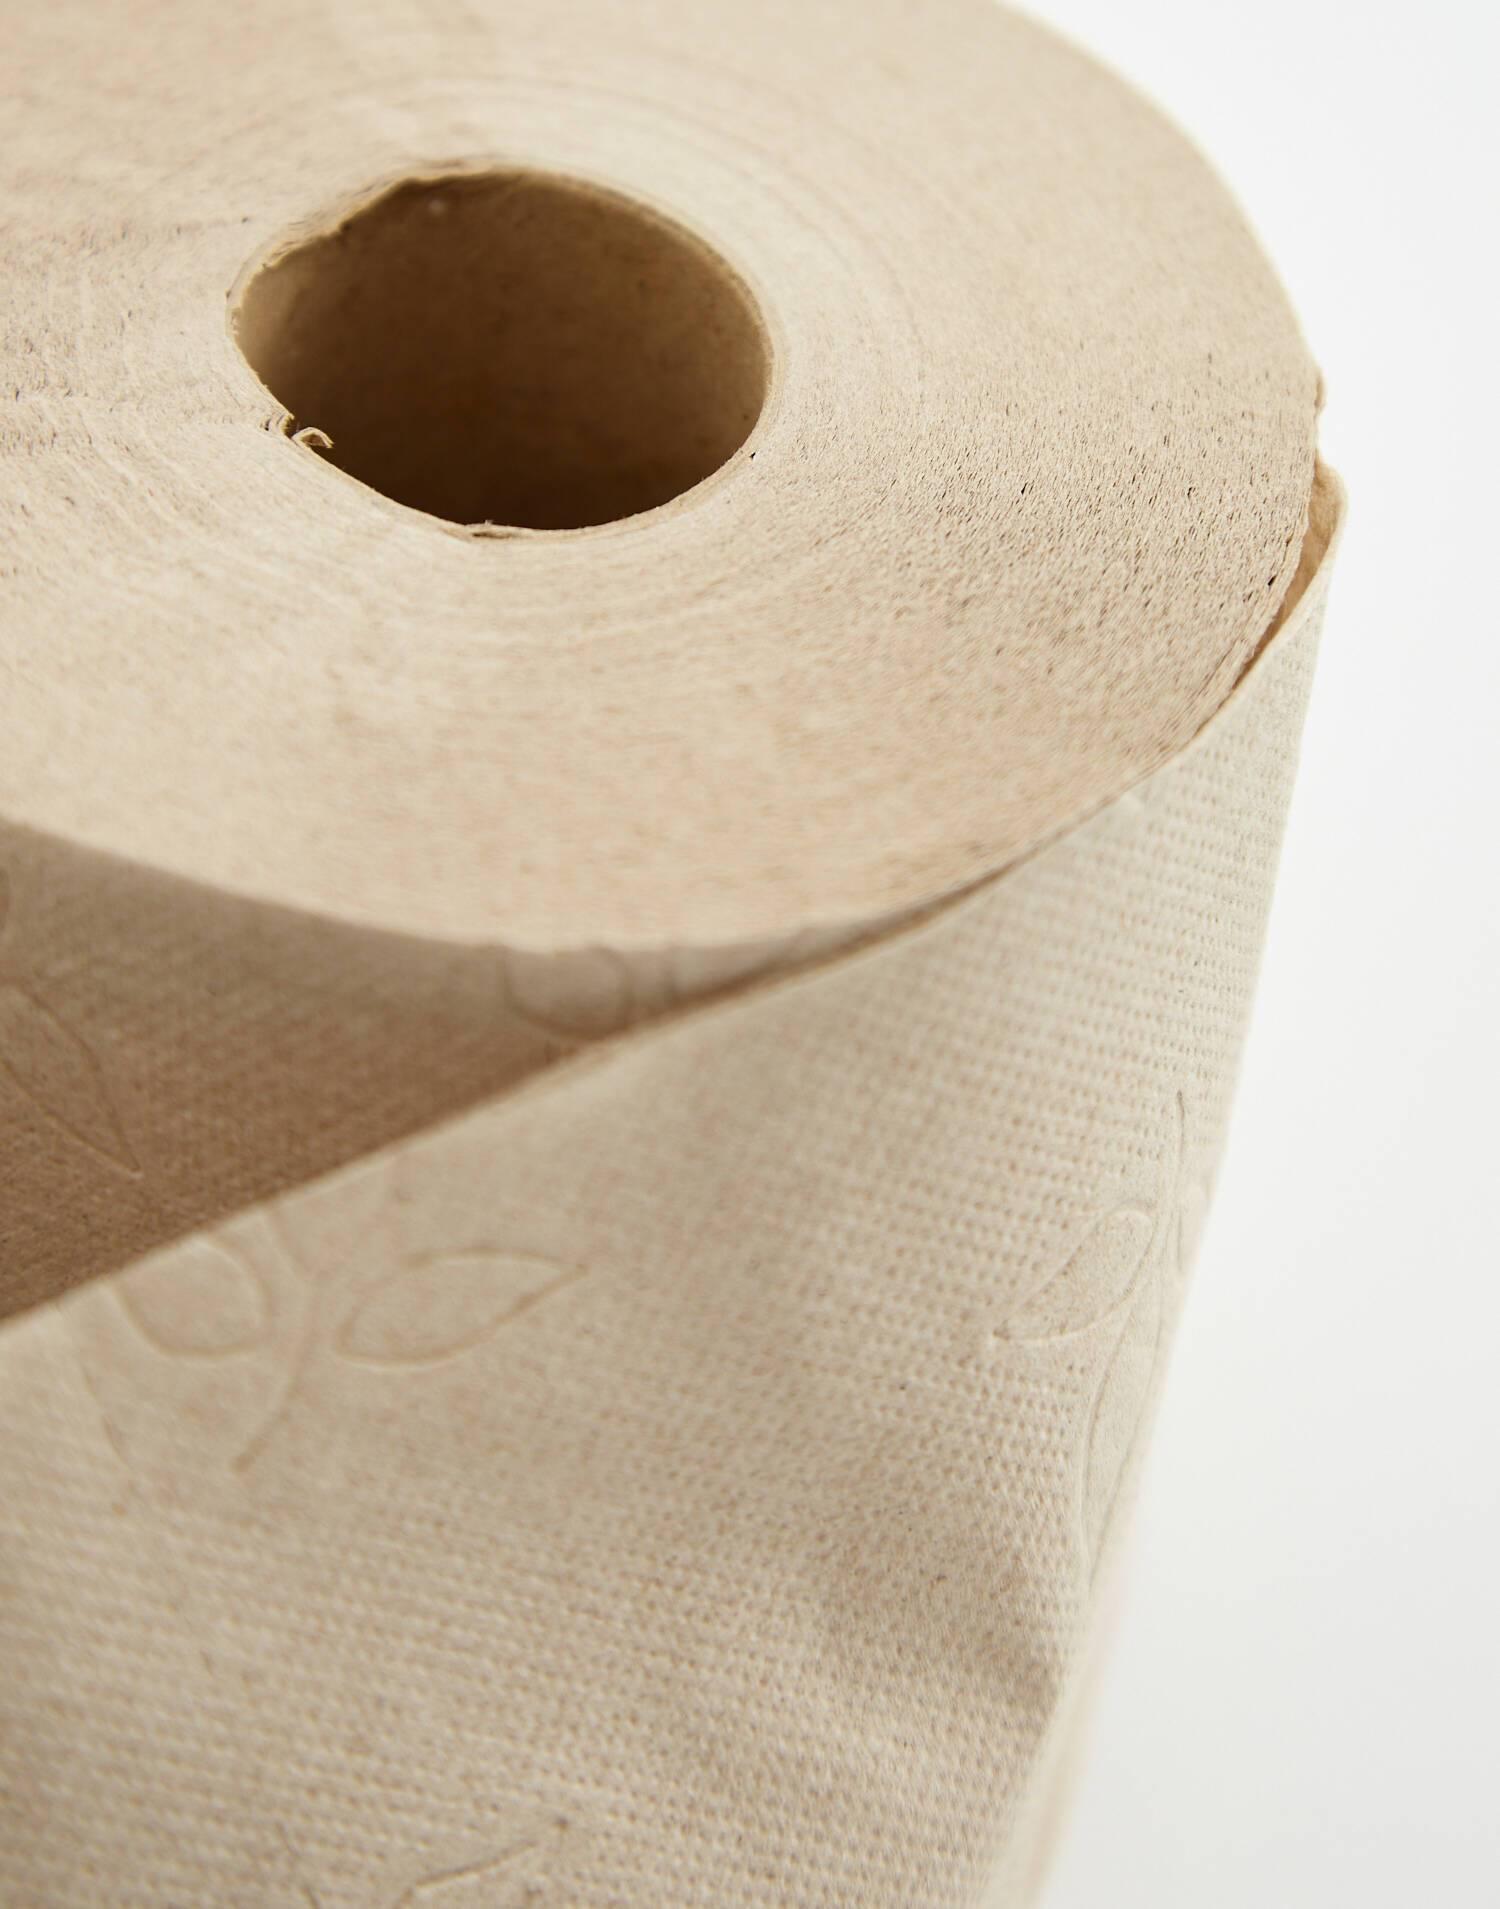 Papel higiénico eco-reciclado 6 rollos